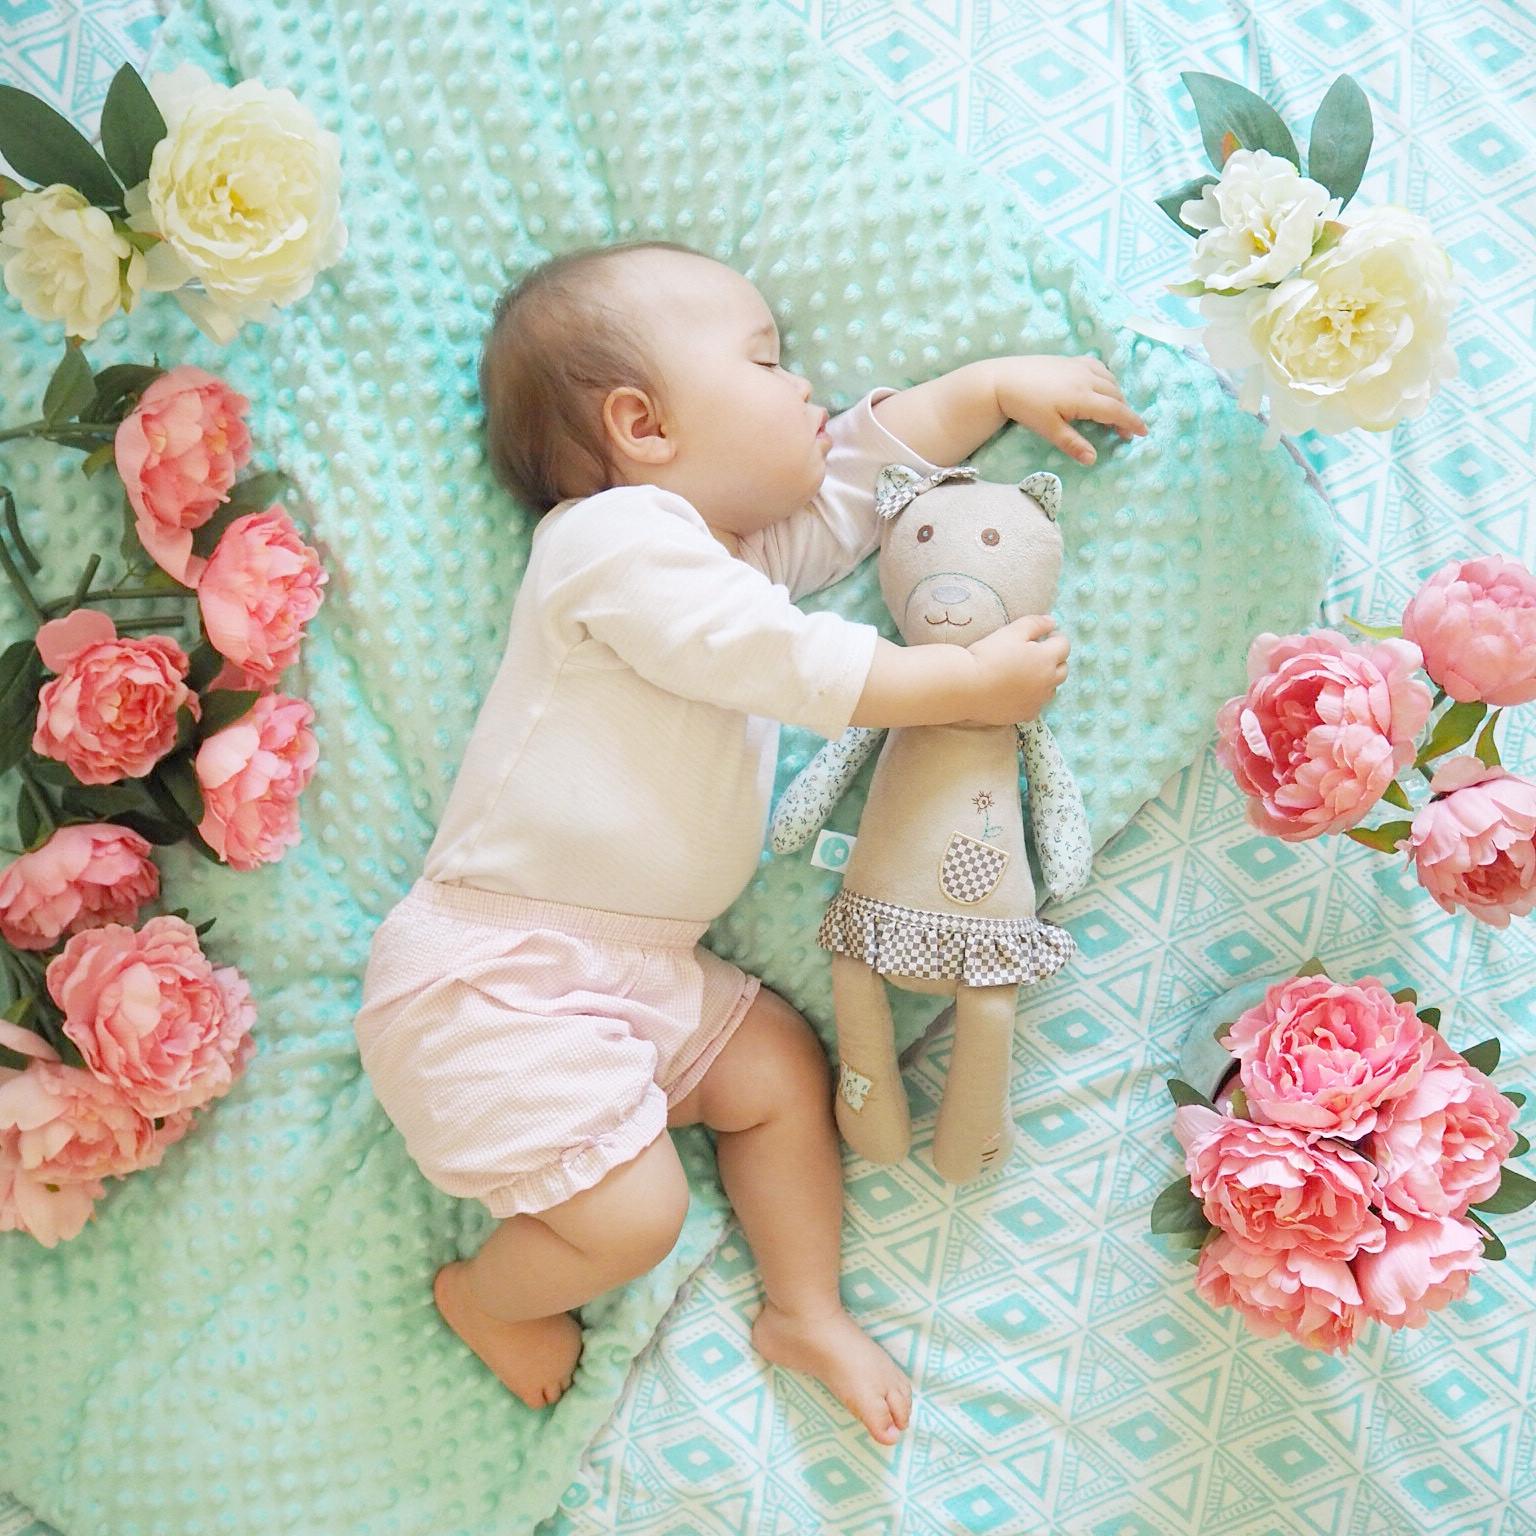 myhummy sleeping baby